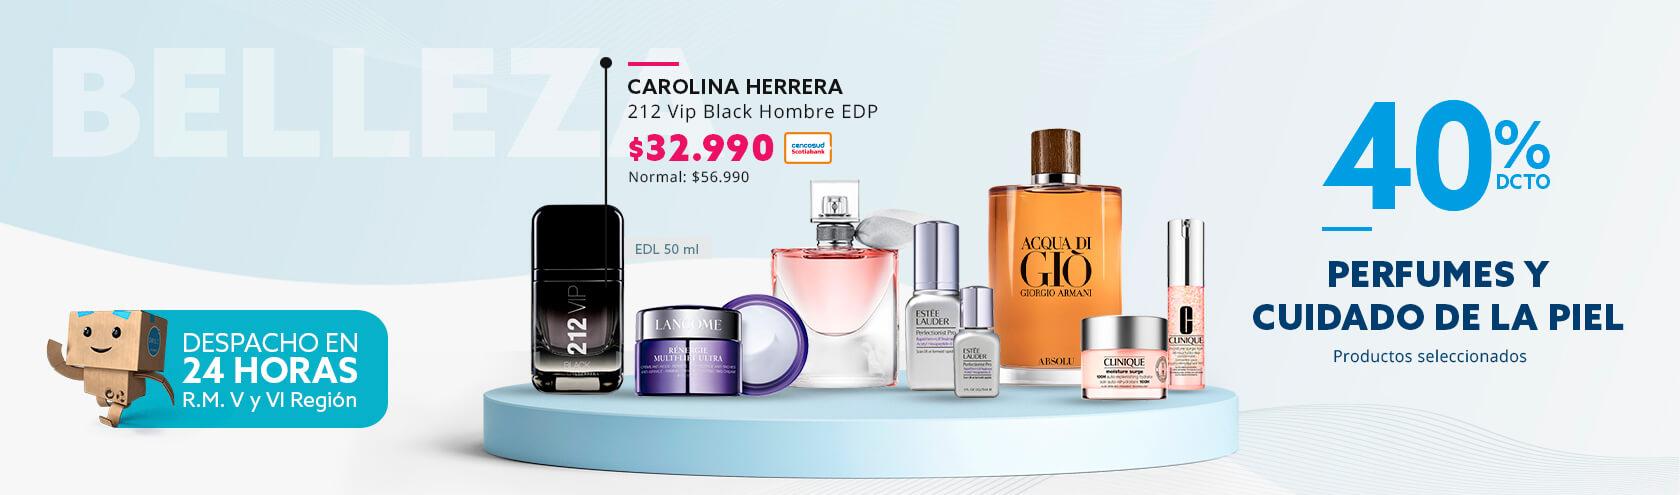 40% de descuento en Perfumes y Cuidado de la Piel